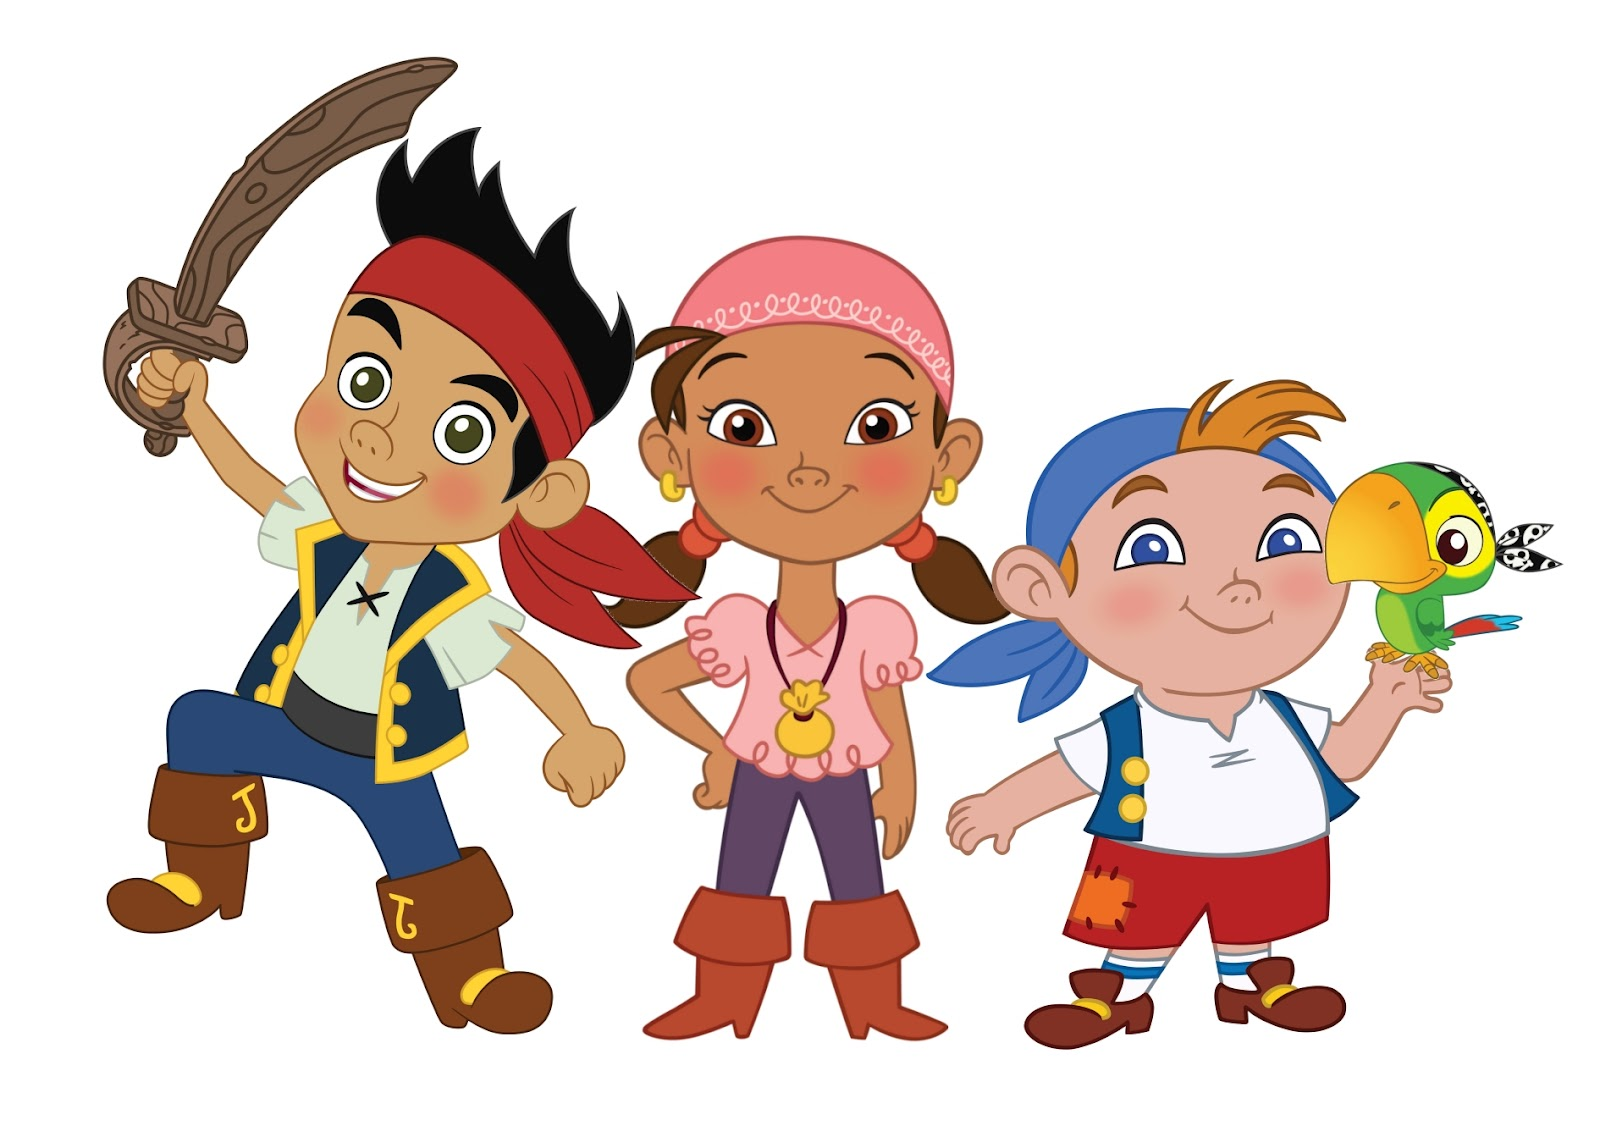 Im genes y fondos de jake y los piratas de nunca jam s for Yei y los piratas de nunca jamas